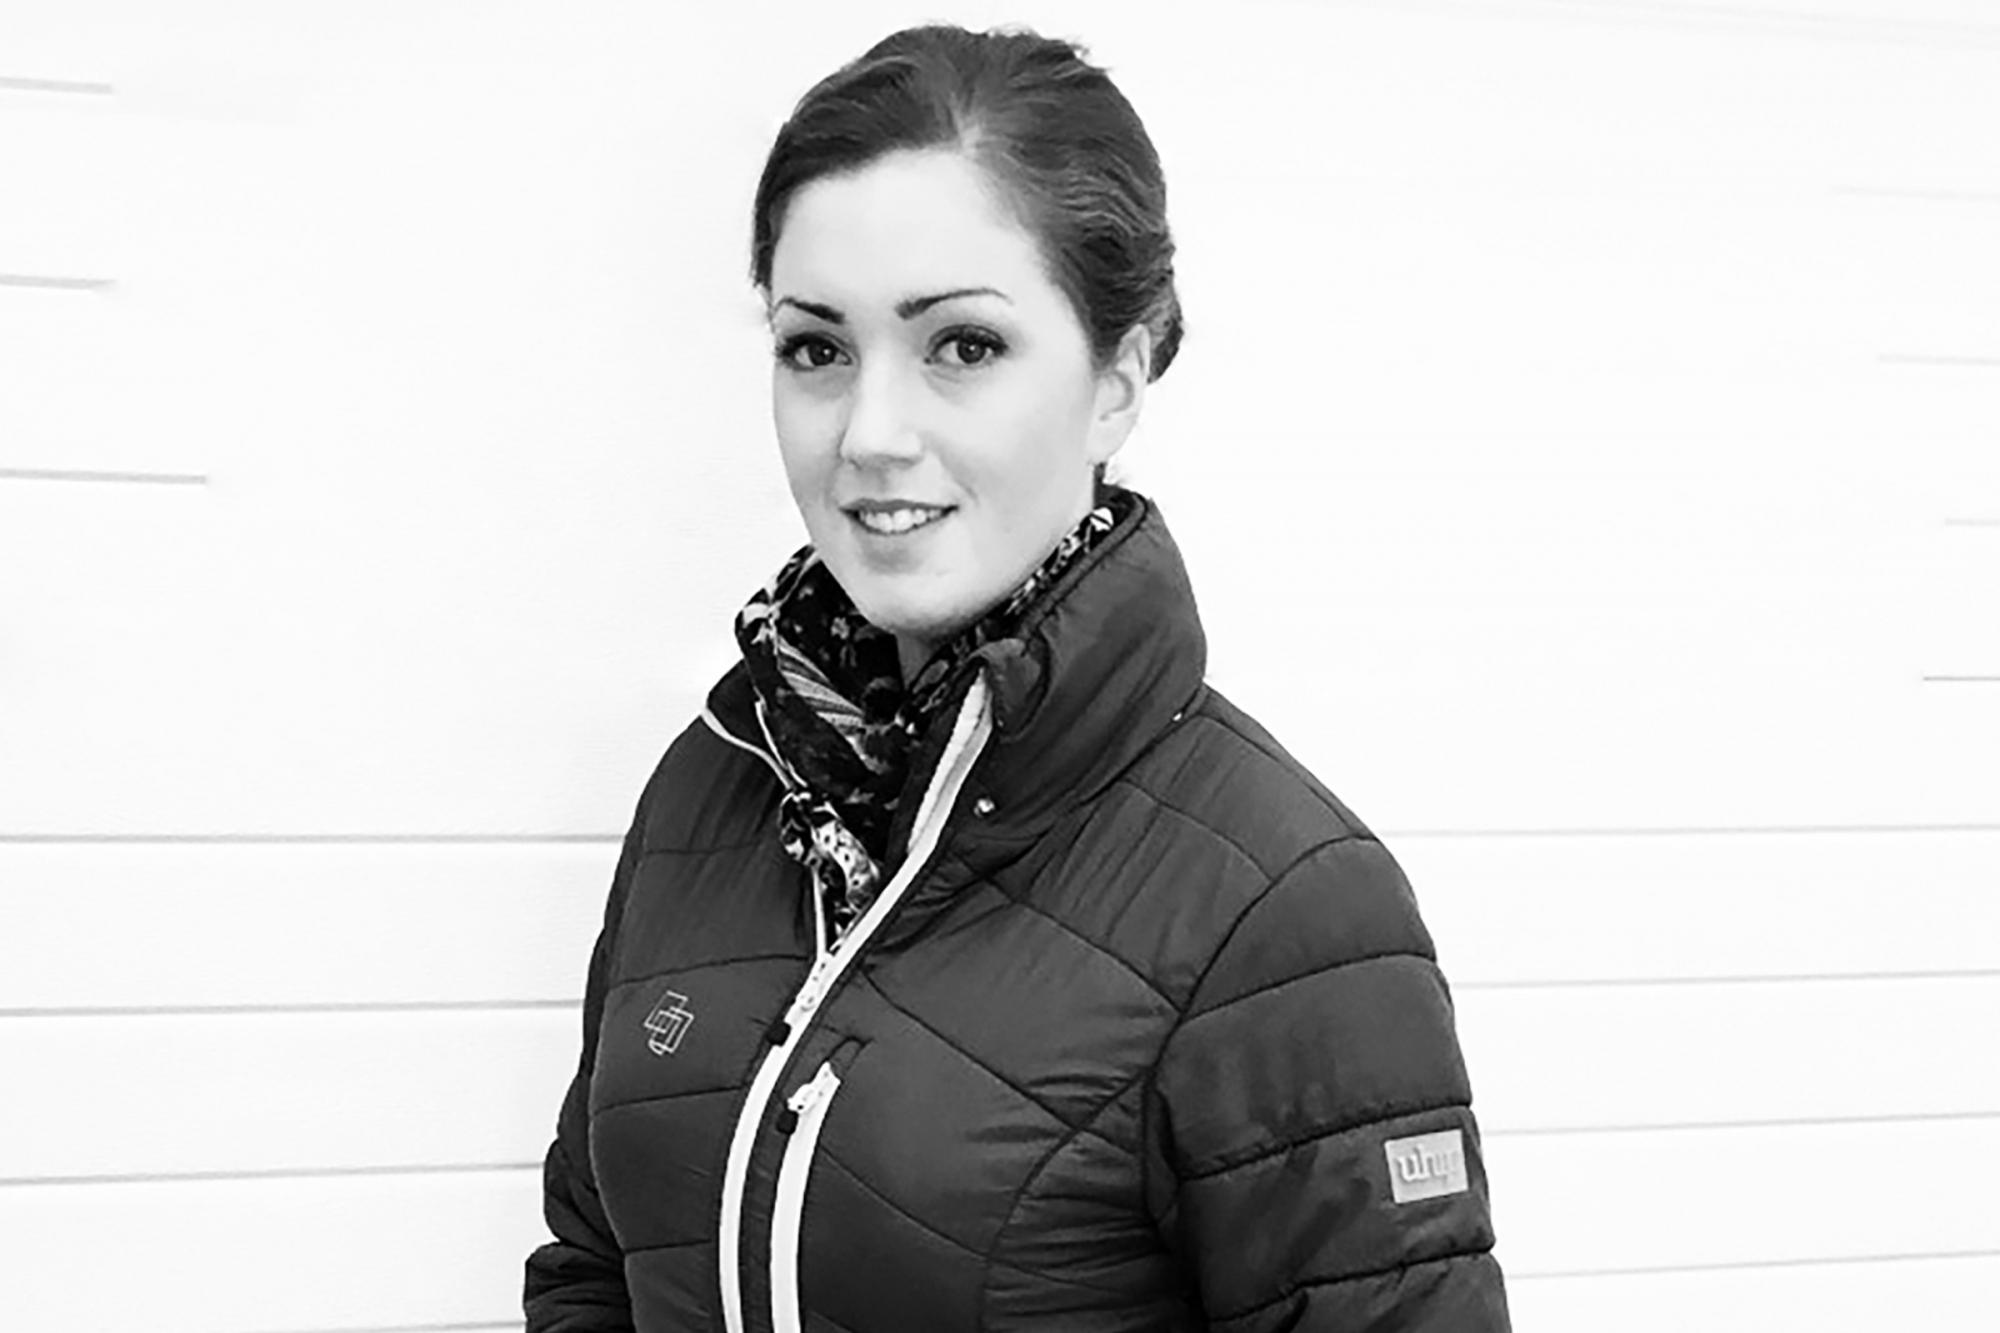 Louiseloilindströmbyline